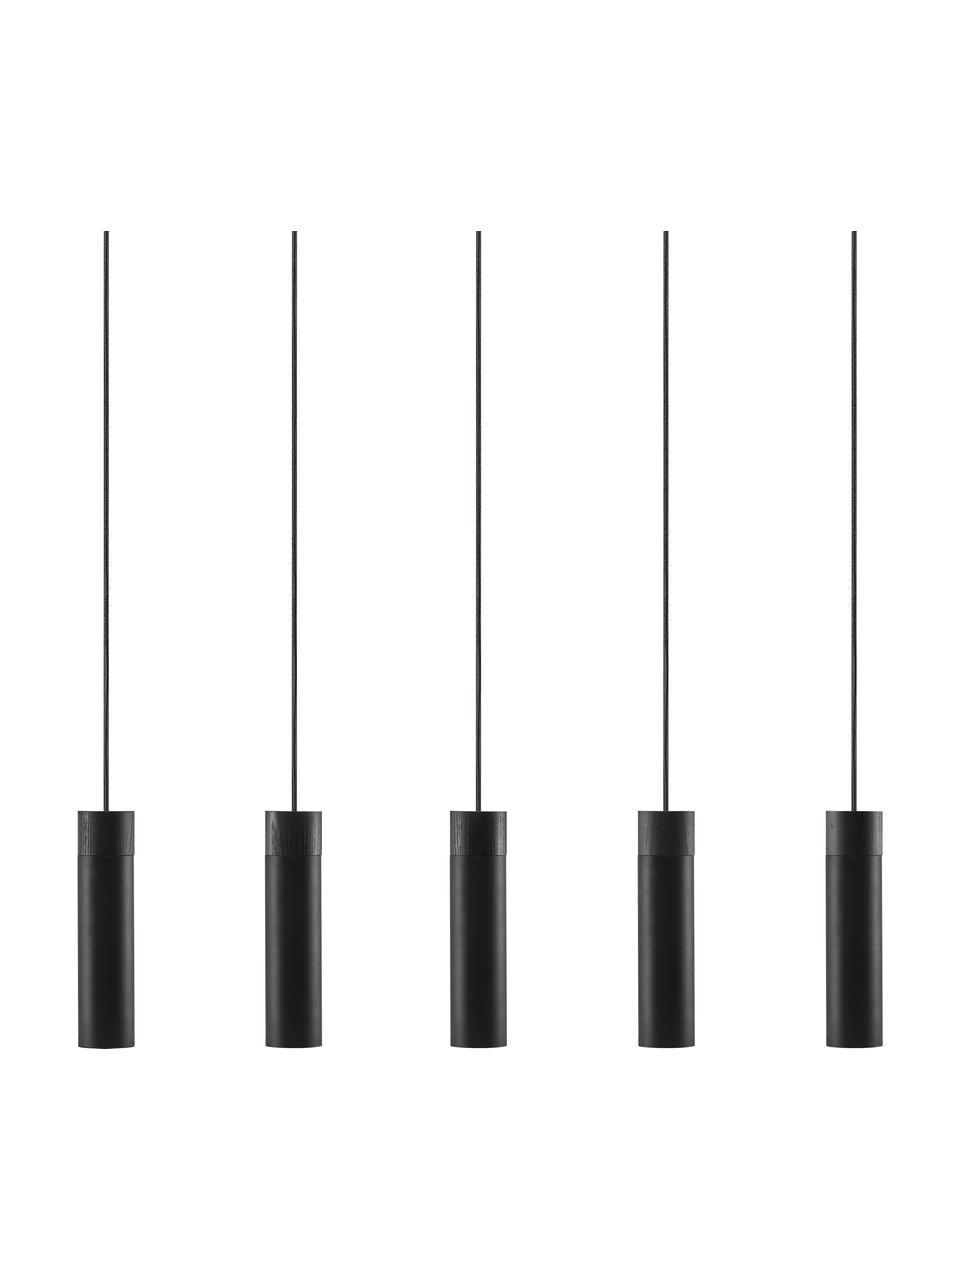 Lampada a sospensione nera-dorata con decoro in legno Tilo, Paralume: metallo rivestito, Baldacchino: metallo rivestito, Nero, Larg. 81 x Alt. 25 cm